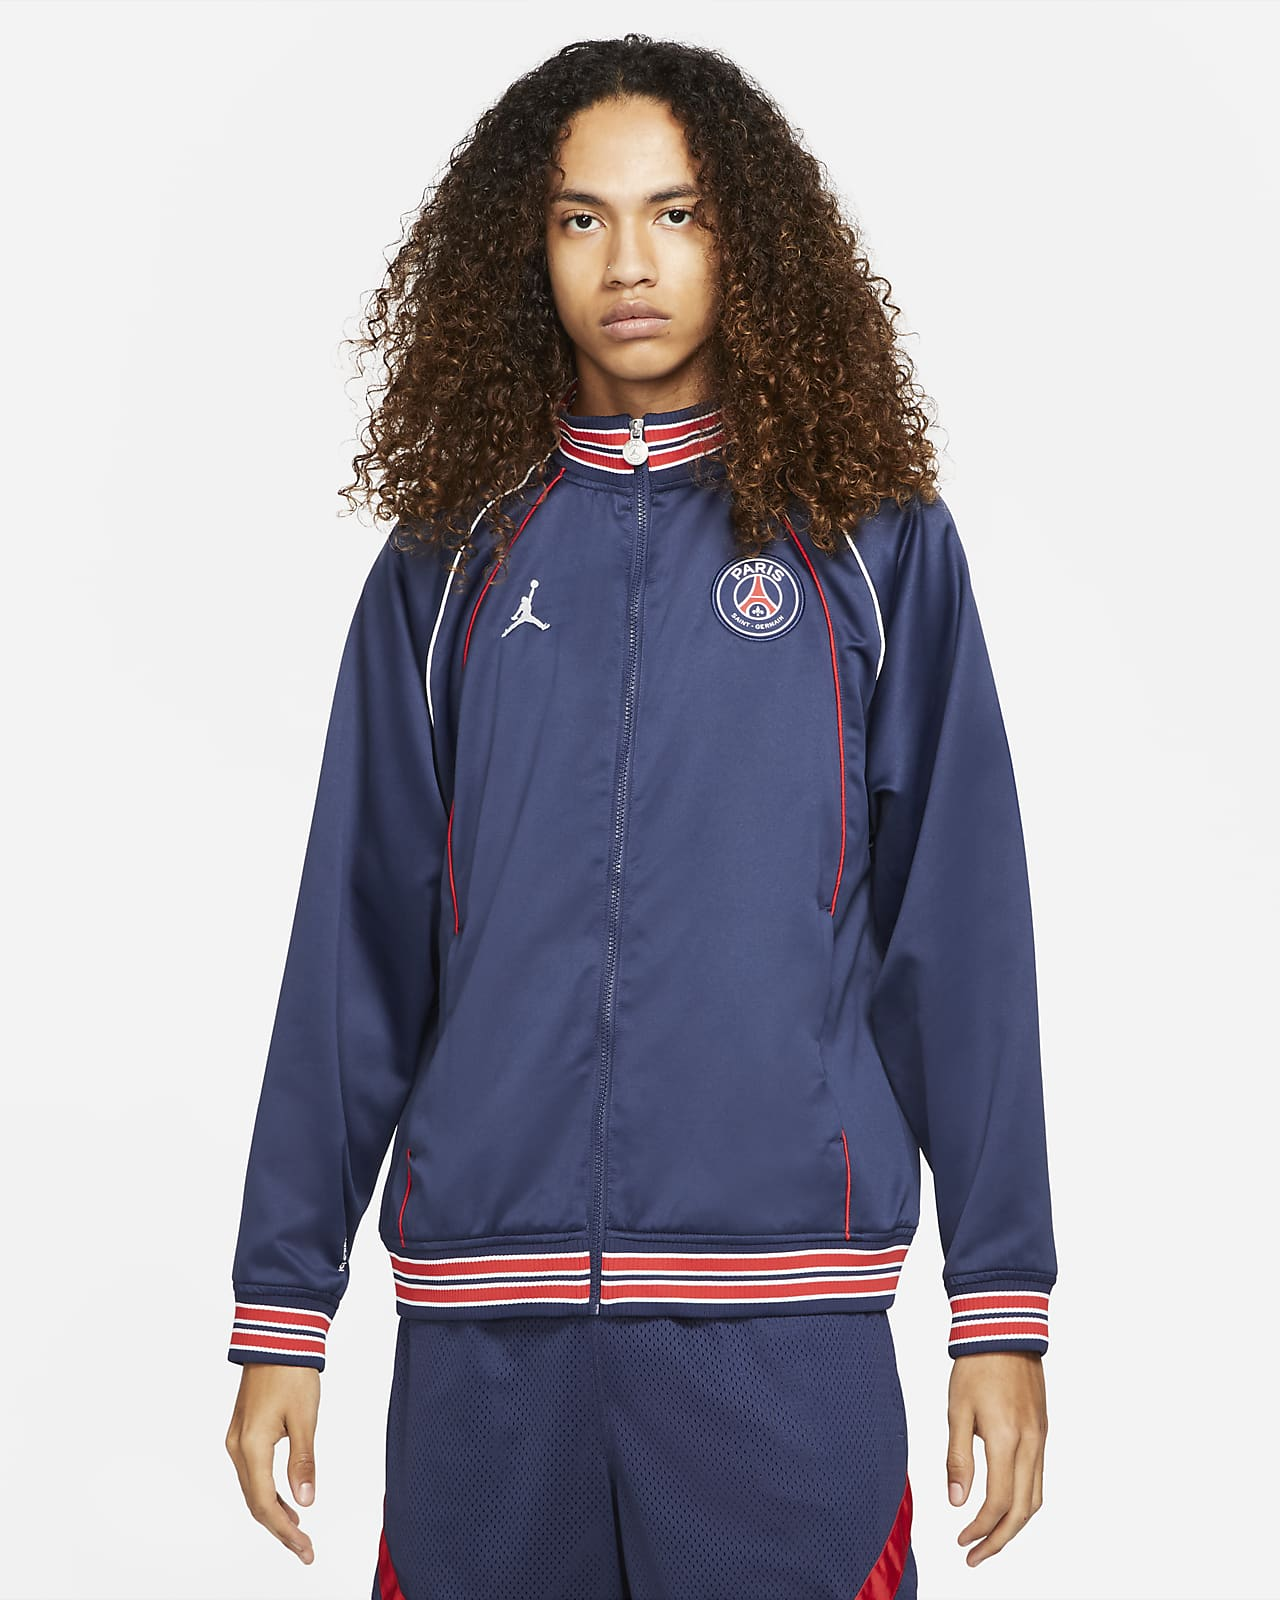 Мужская куртка для церемоний с символикой клуба Paris Saint-Germain